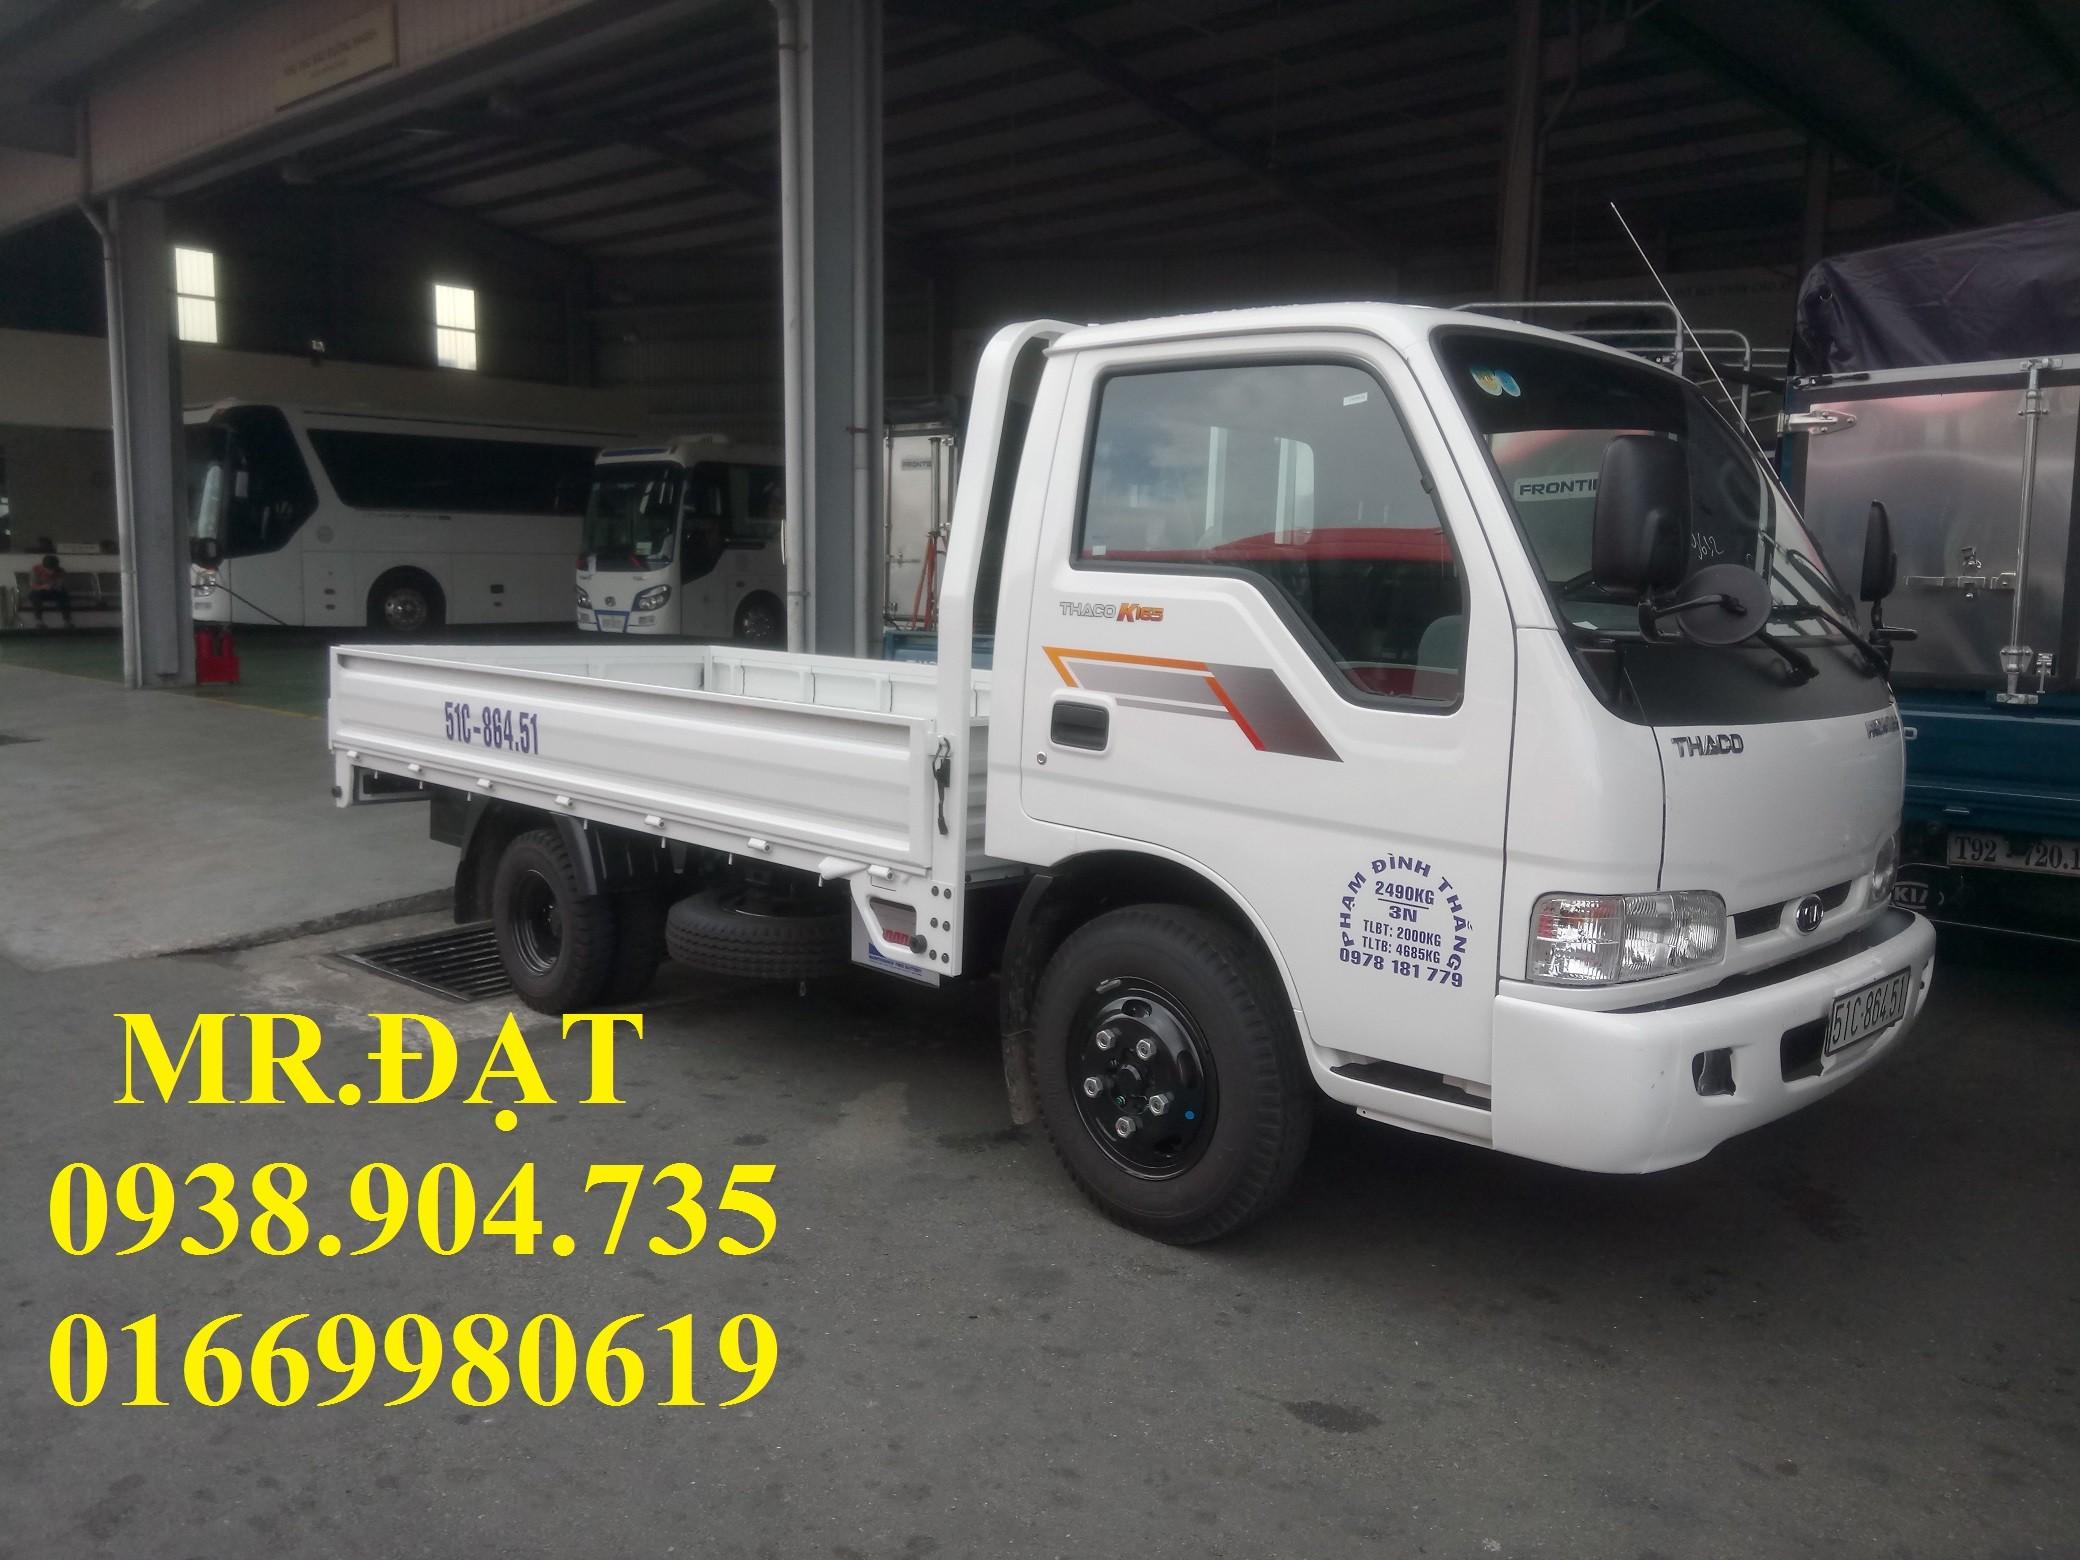 Xe tải nhẹ kia k165 2t4 vào thành phố trả góp, xe tải kia 2.4 tấn kia, bán xe tải trả góp 85% tp.hcm Ảnh số 39631927